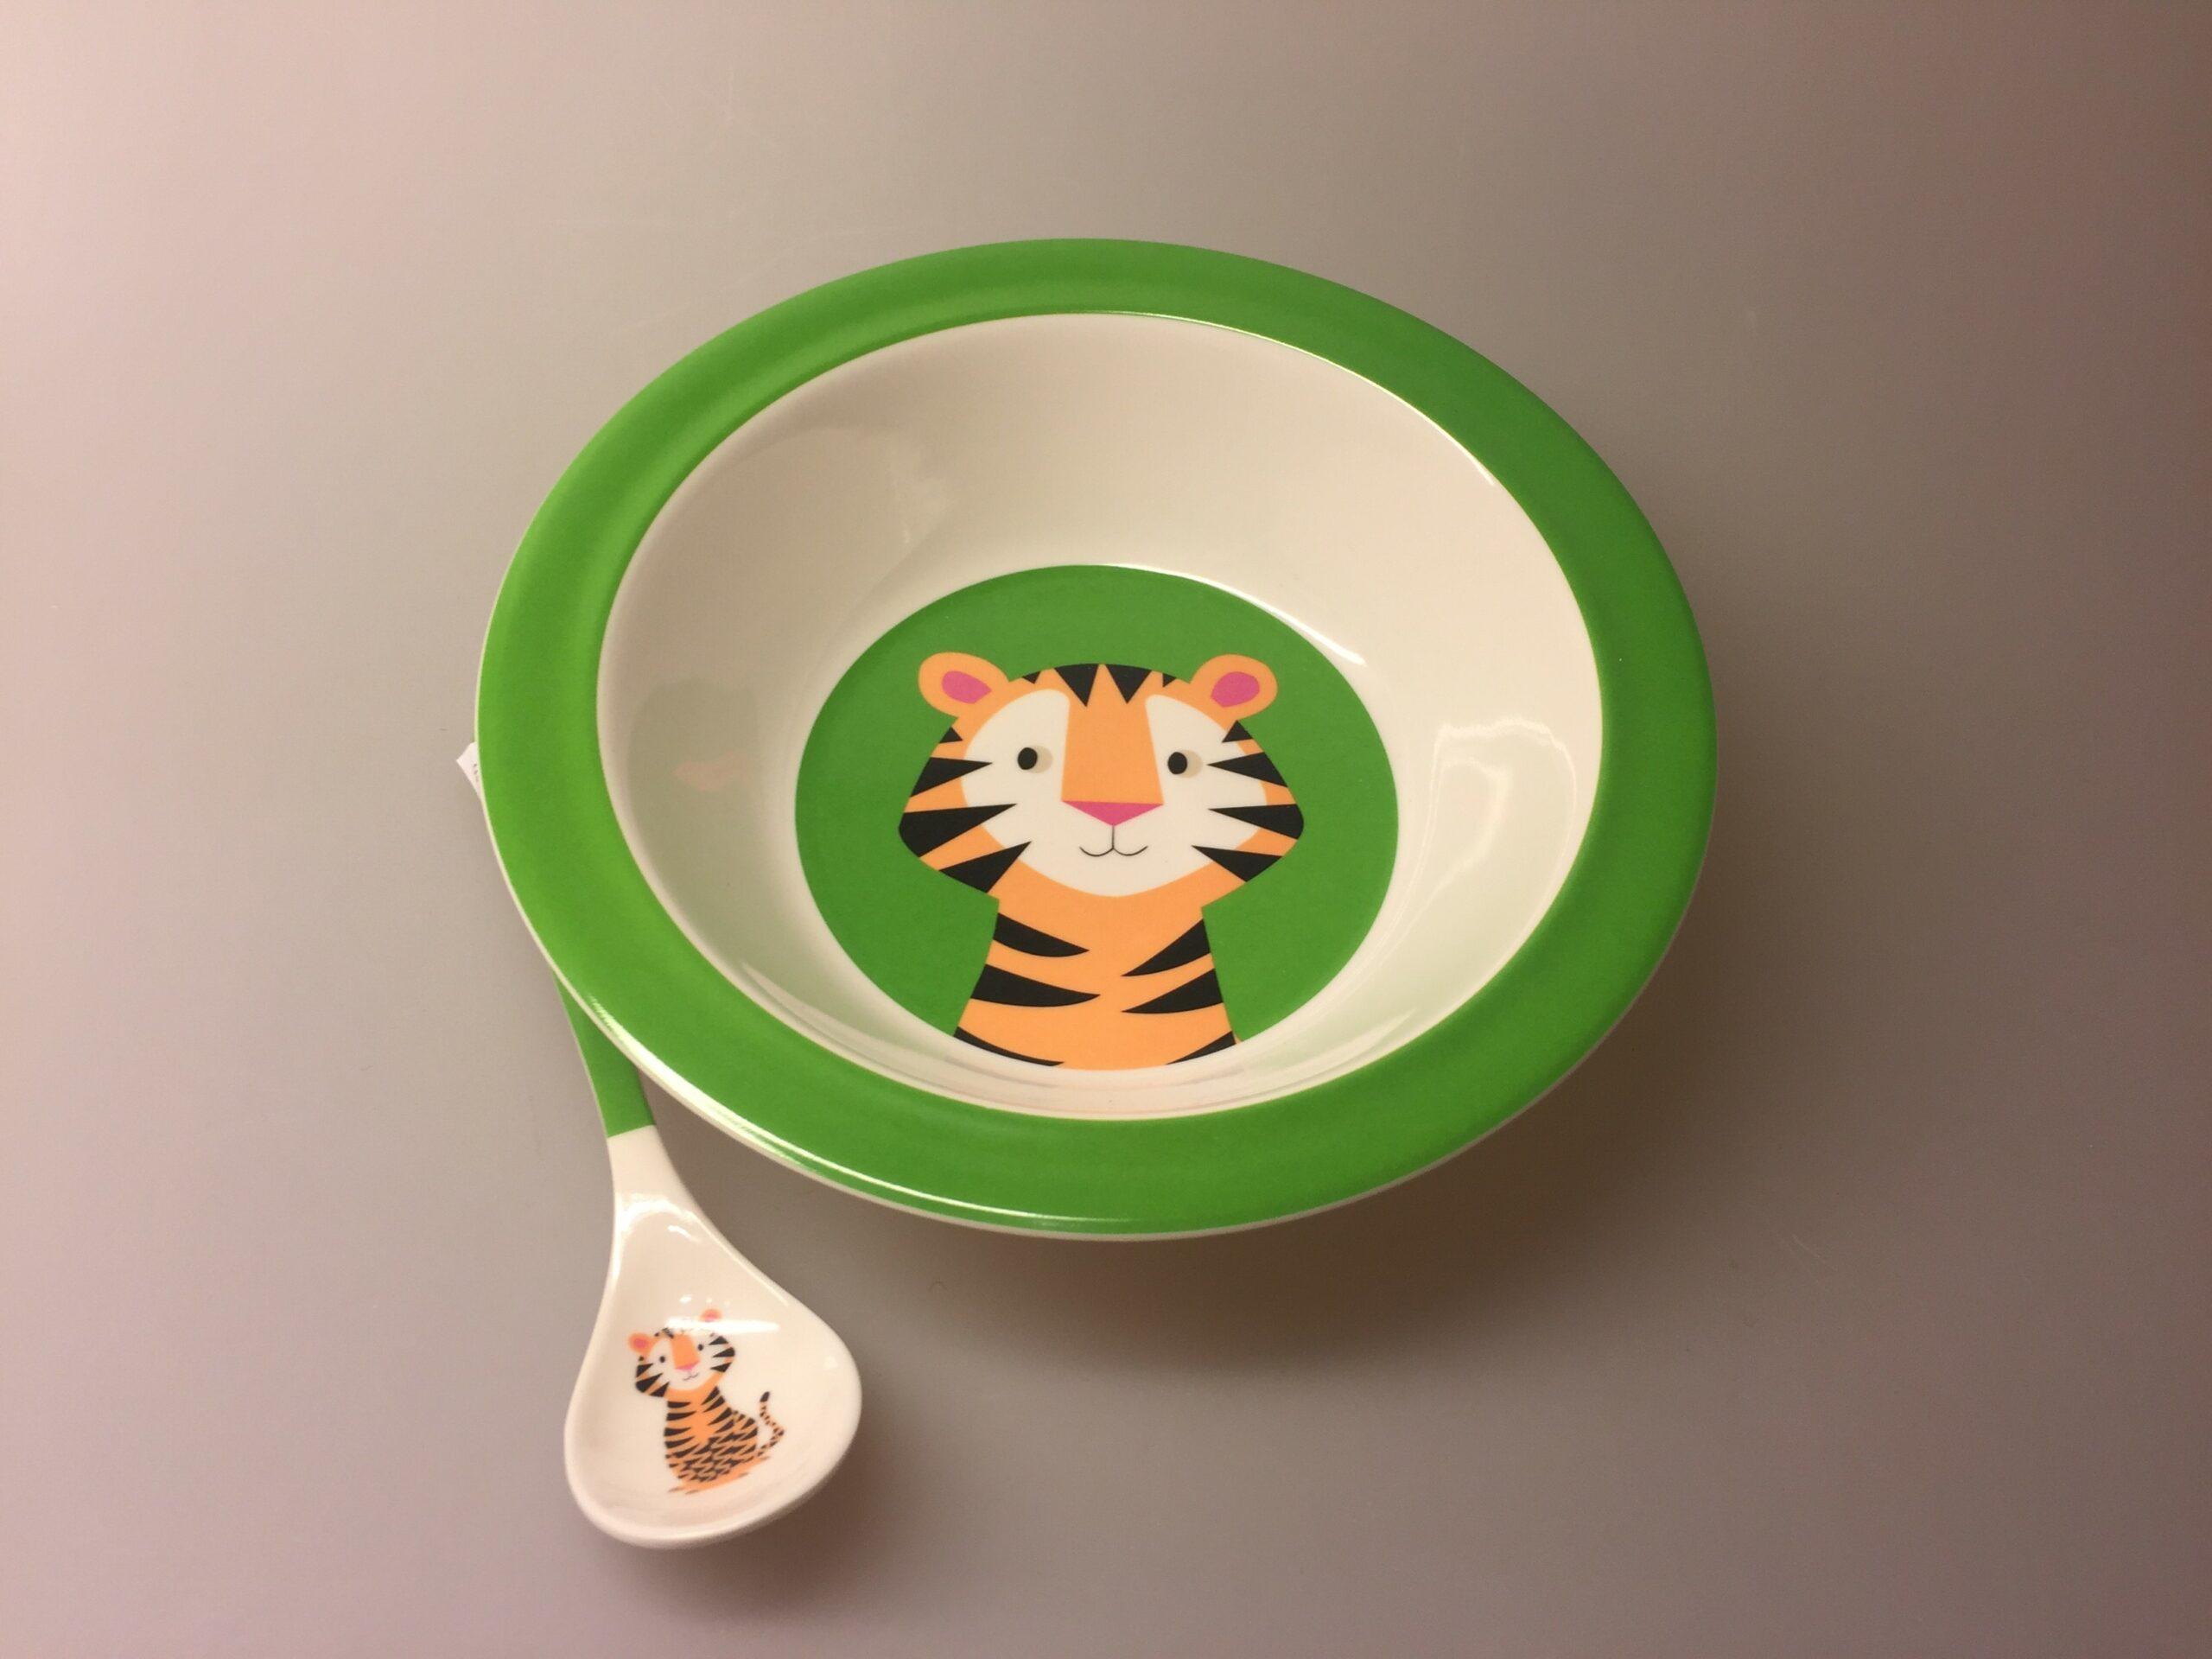 Ske med Tiger, tigerske, tiger, børneske, barneske, service, babyske, ske til mos, børneting, drenge, Tallerken - Dyb - Tiger, tigerskål, skål, morgenmad, morgenmadsskål, børneskål, børnetallerken, vilde dyr, safari, grøn, frisk, sød, sej, praktisk,